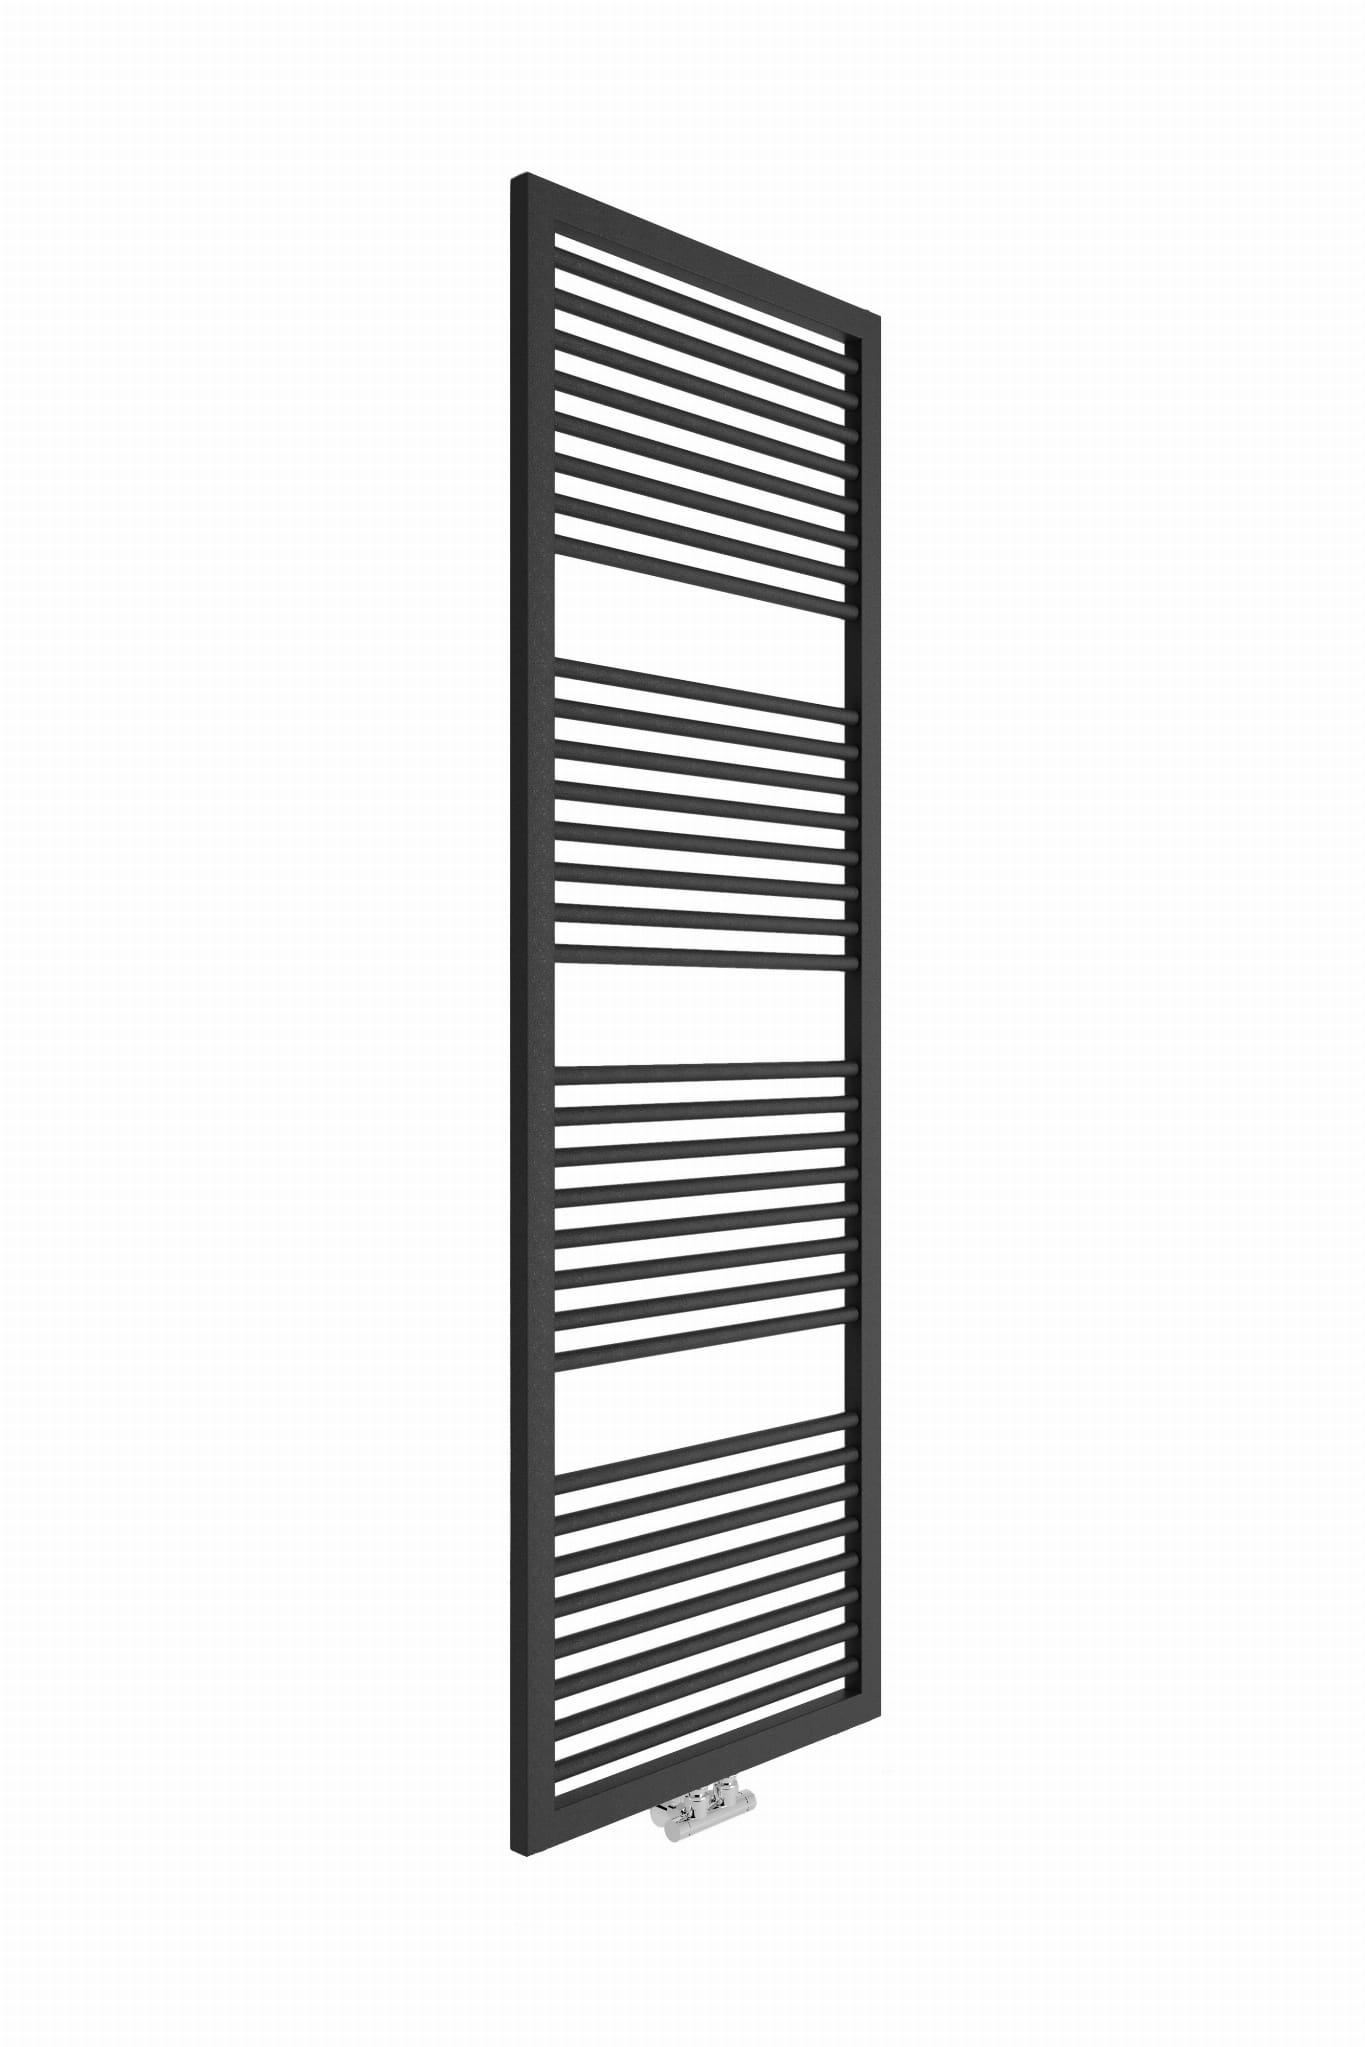 Sanotechnik - RIMINI - Kúpeľňový radiátor antracit 823W 600 x 1813 mm